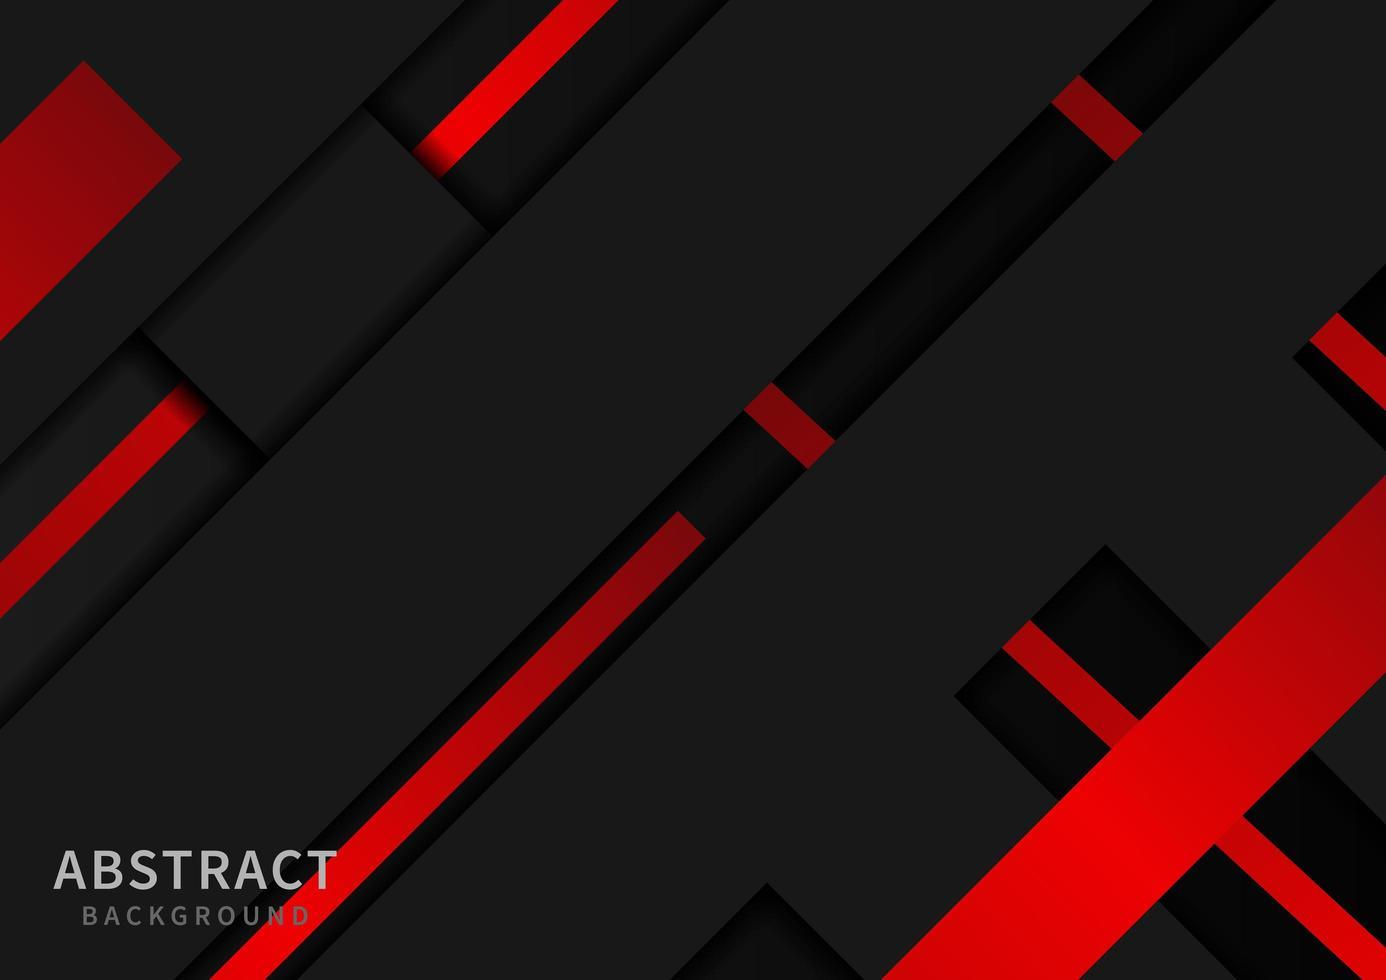 abstraktes Design mit roten und schwarzen diagonalen Formen vektor